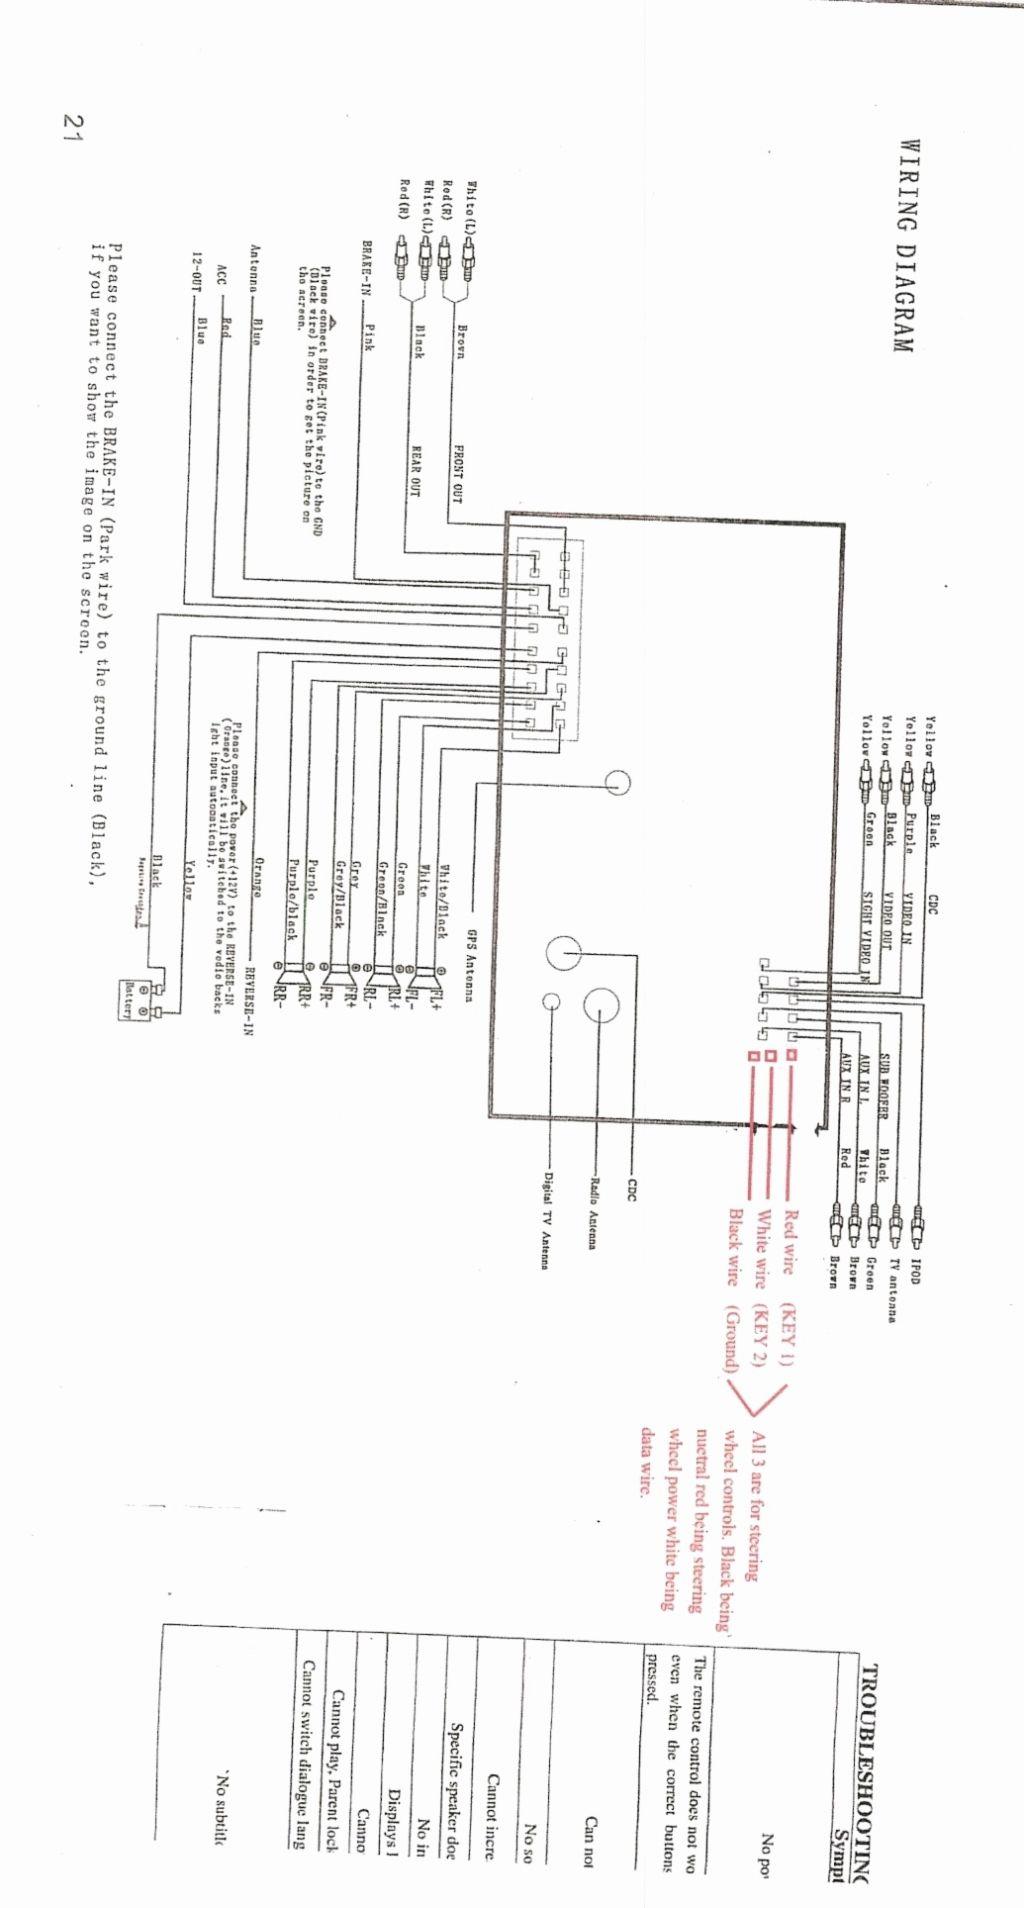 wiring diagram for lan